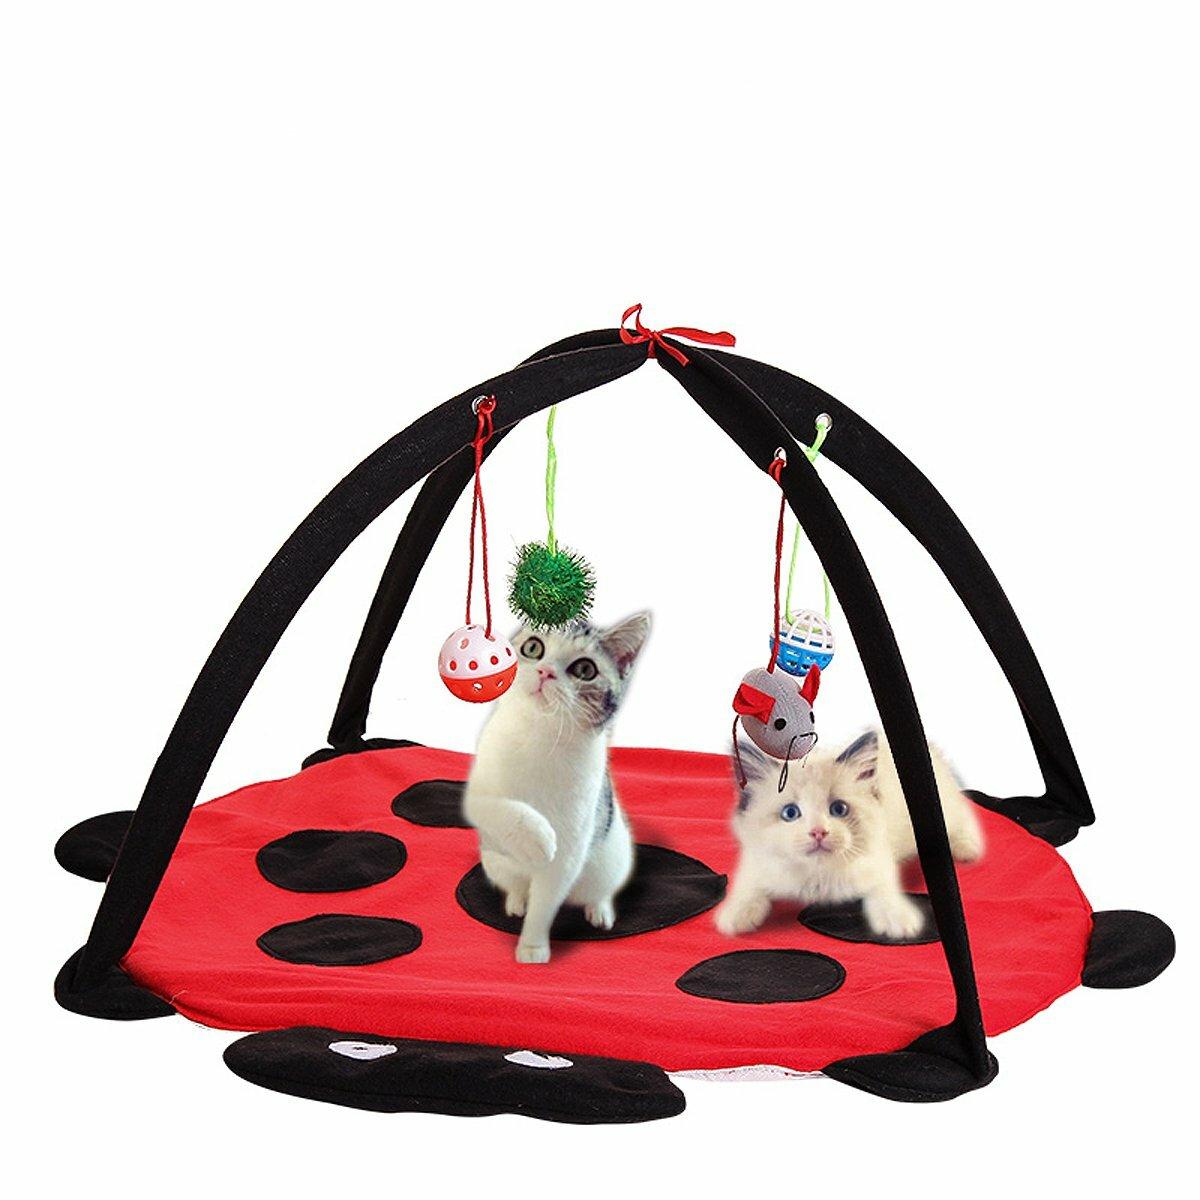 Pet Gato jugar Actividad de cama Tienda de campaña Juguete de juguete Ejercicio Cojín de gatito Mat Casa de campanas